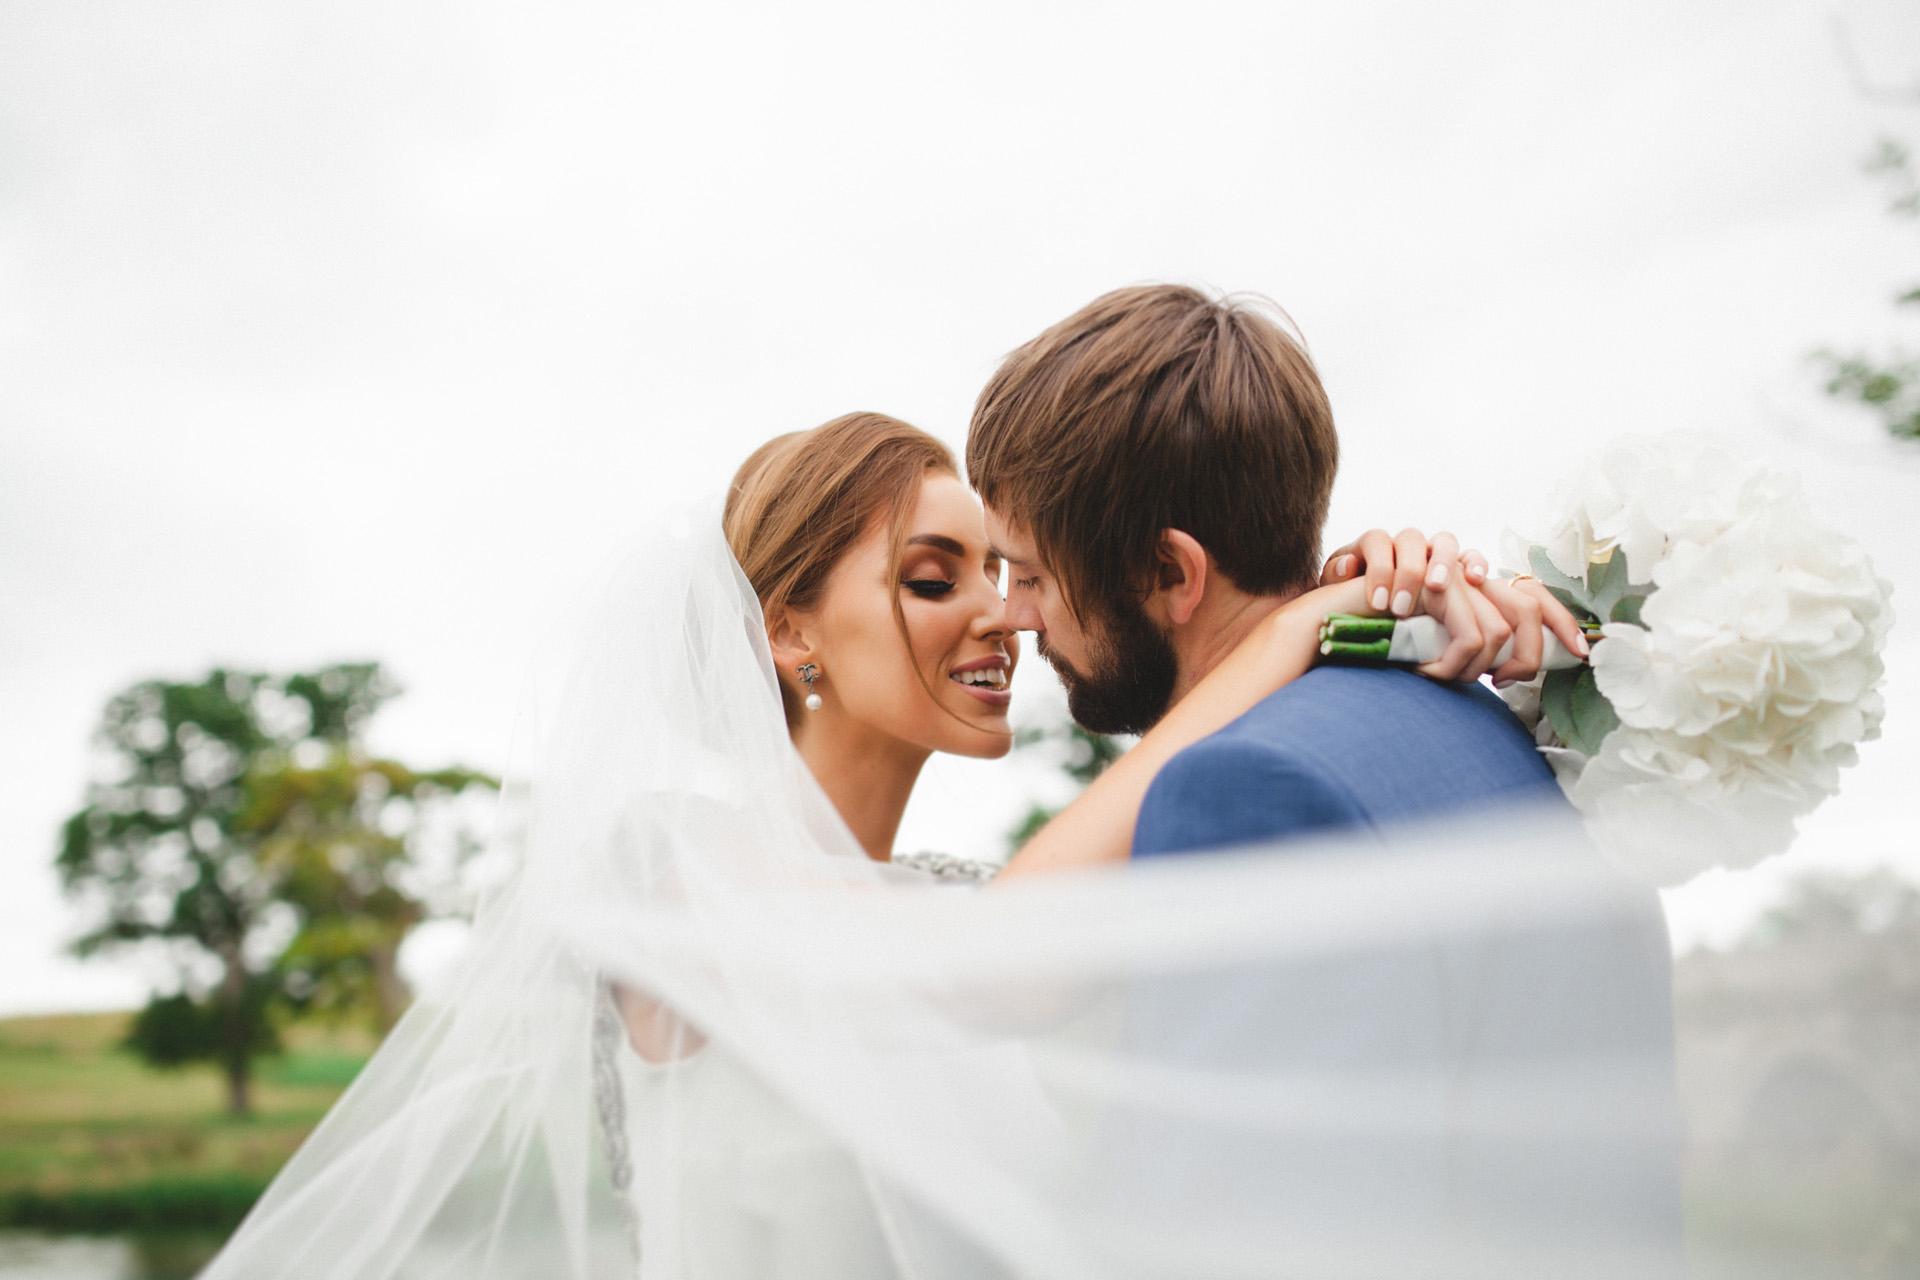 Carton House Wedding Photography